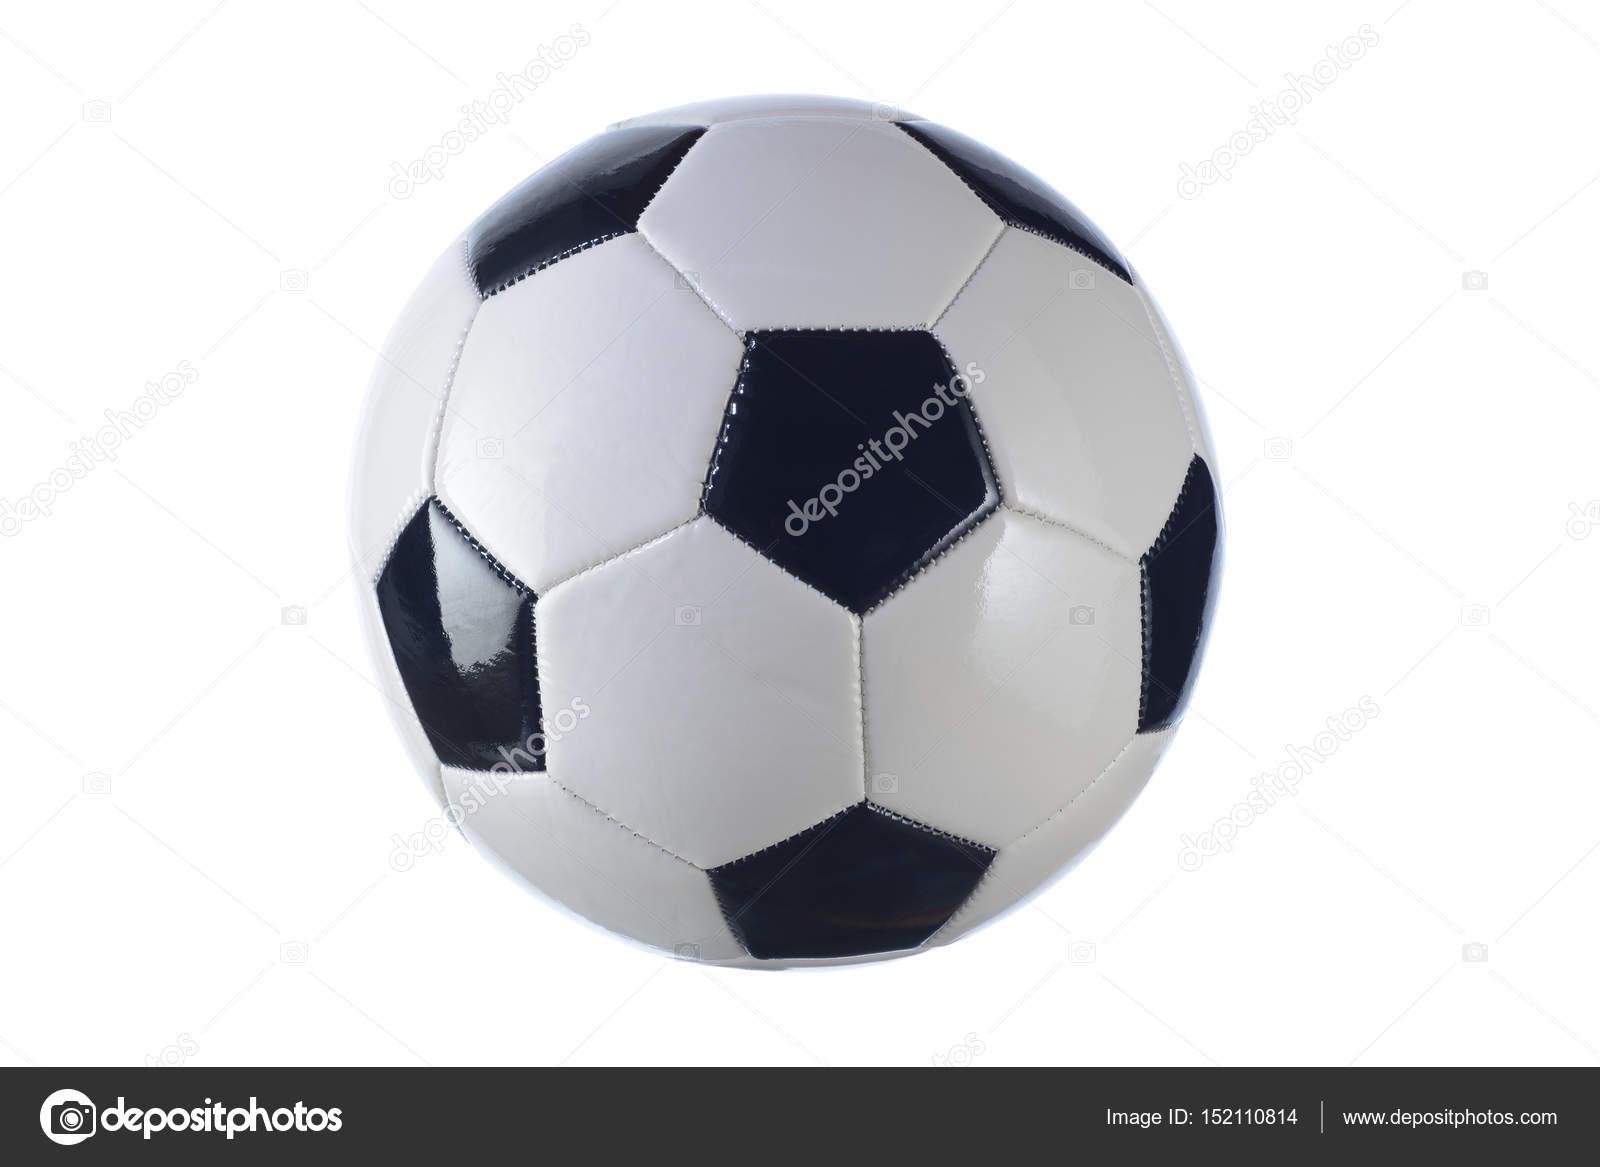 Fußball, Farben schwarz und weiß — Stockfoto © Imstock #152110814